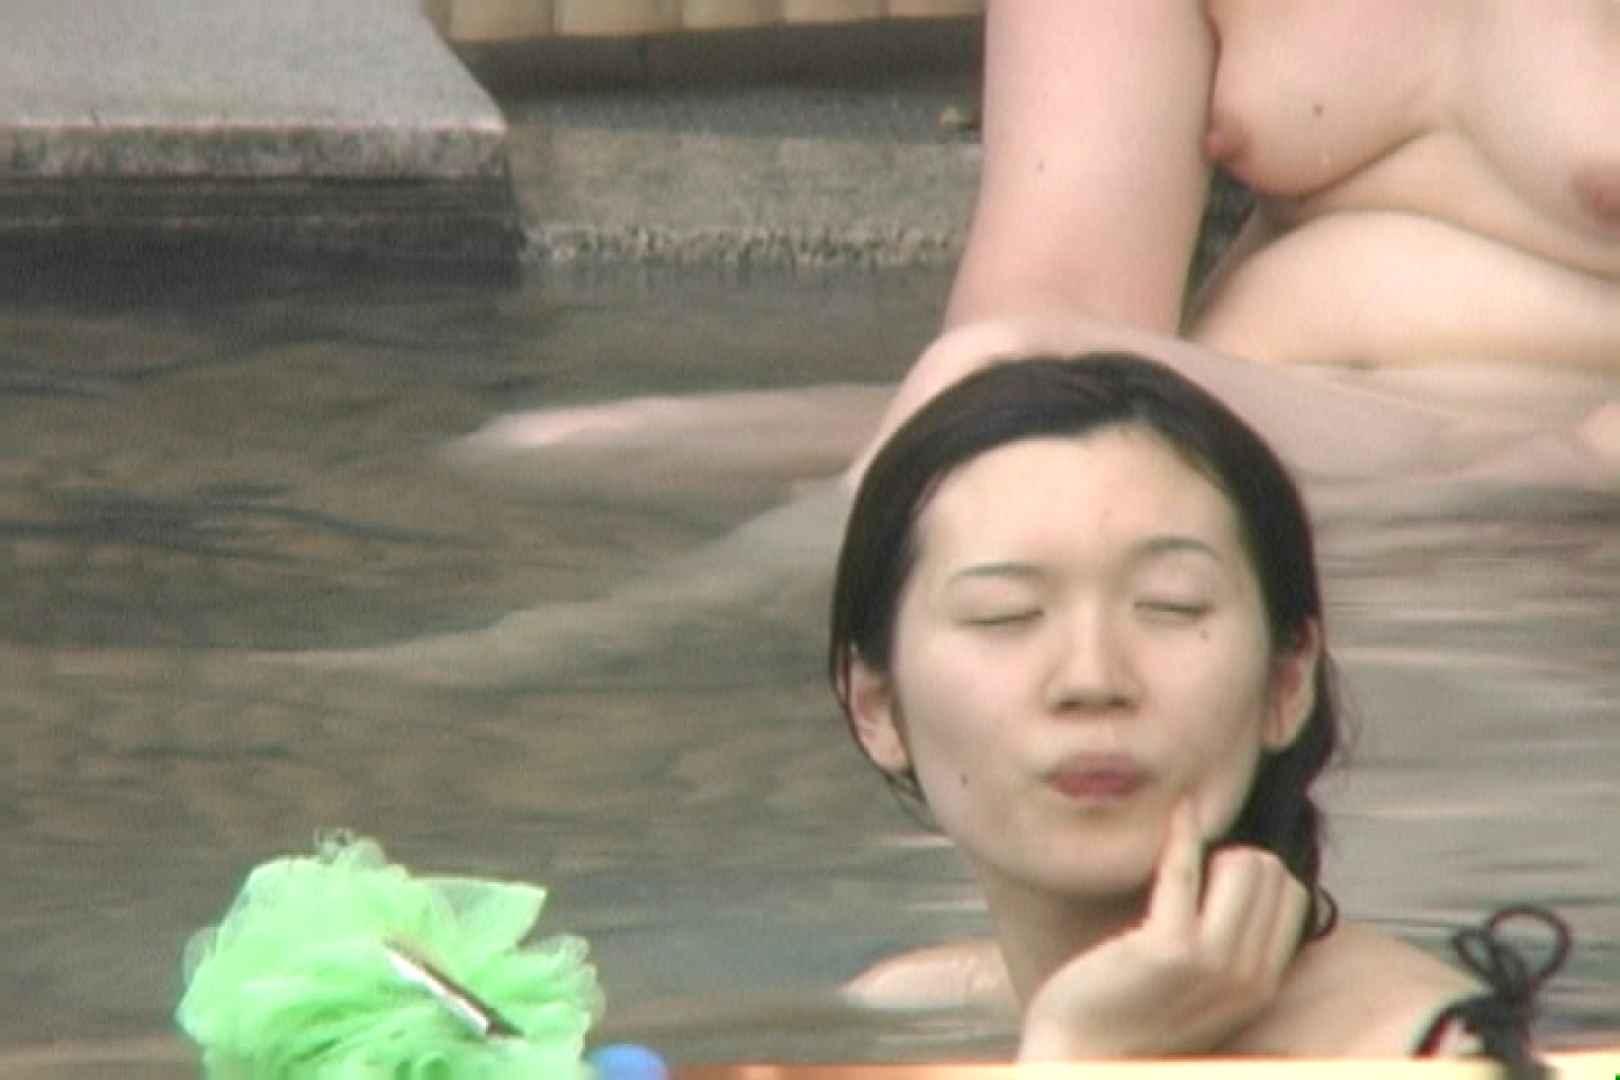 高画質露天女風呂観察 vol.010 OLエロ画像 盗撮ヌード画像 107PICs 51